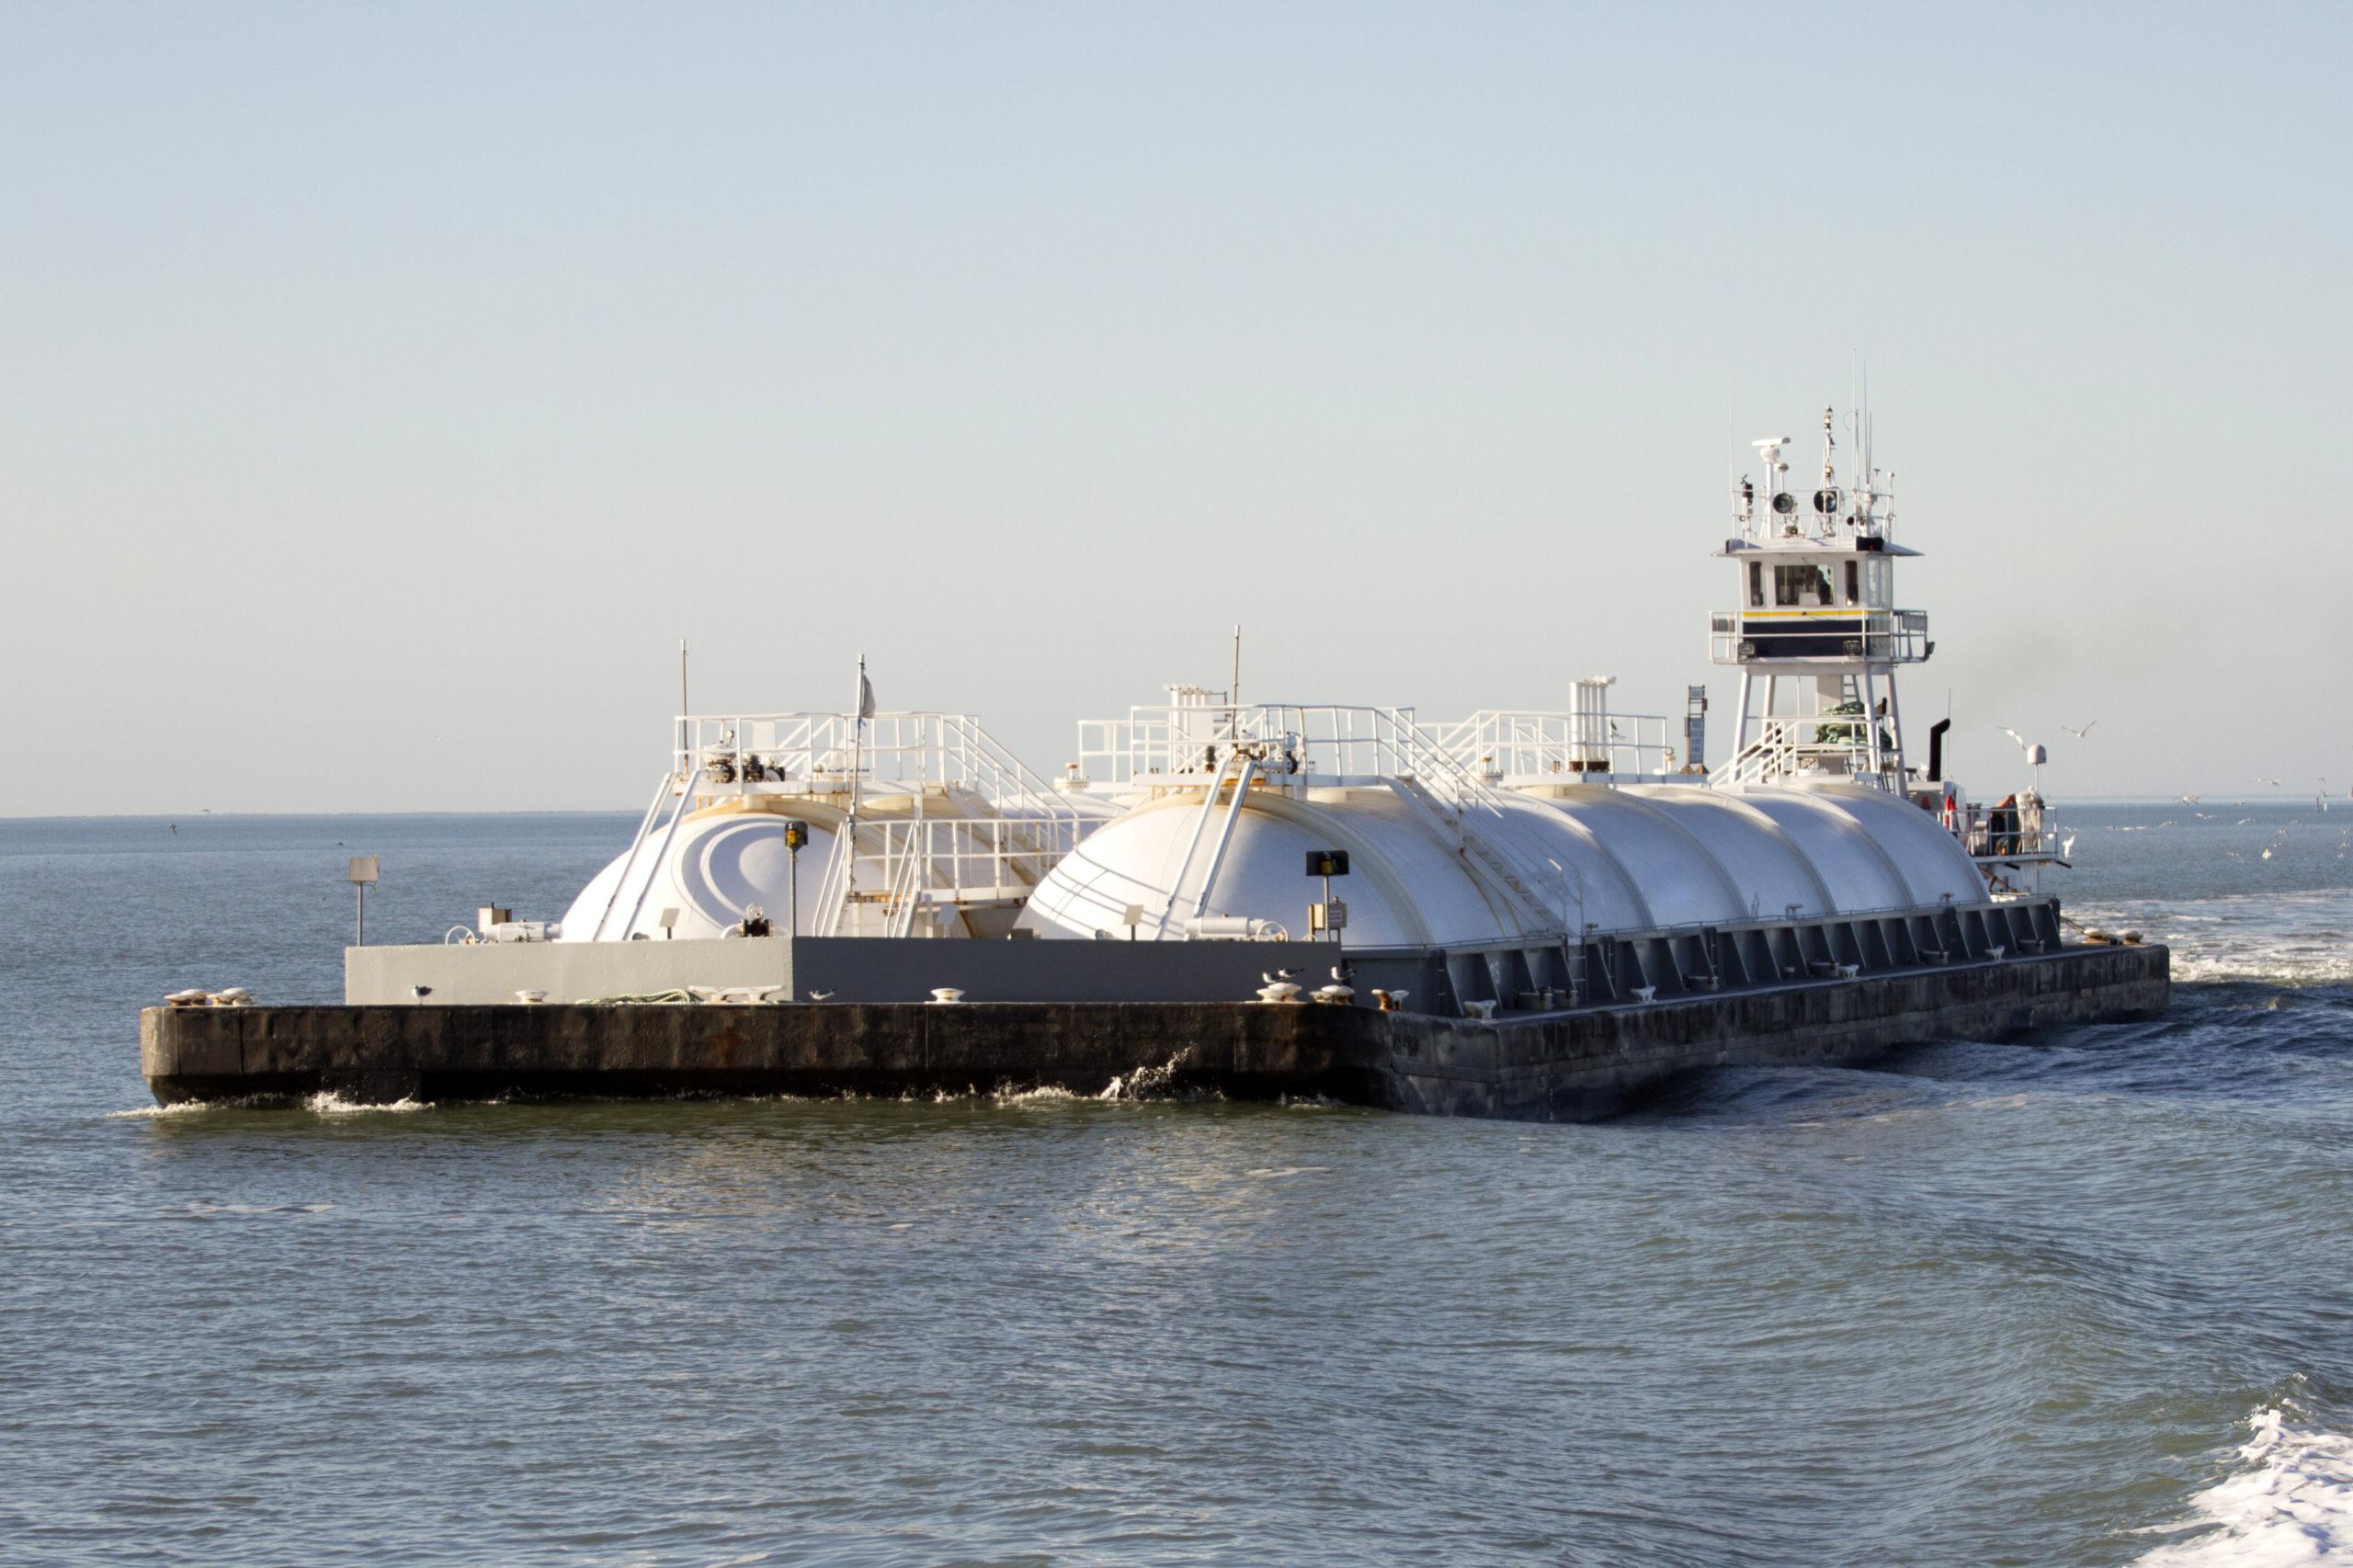 Ölproduktion im Golf von Mexiko zurückgefahren